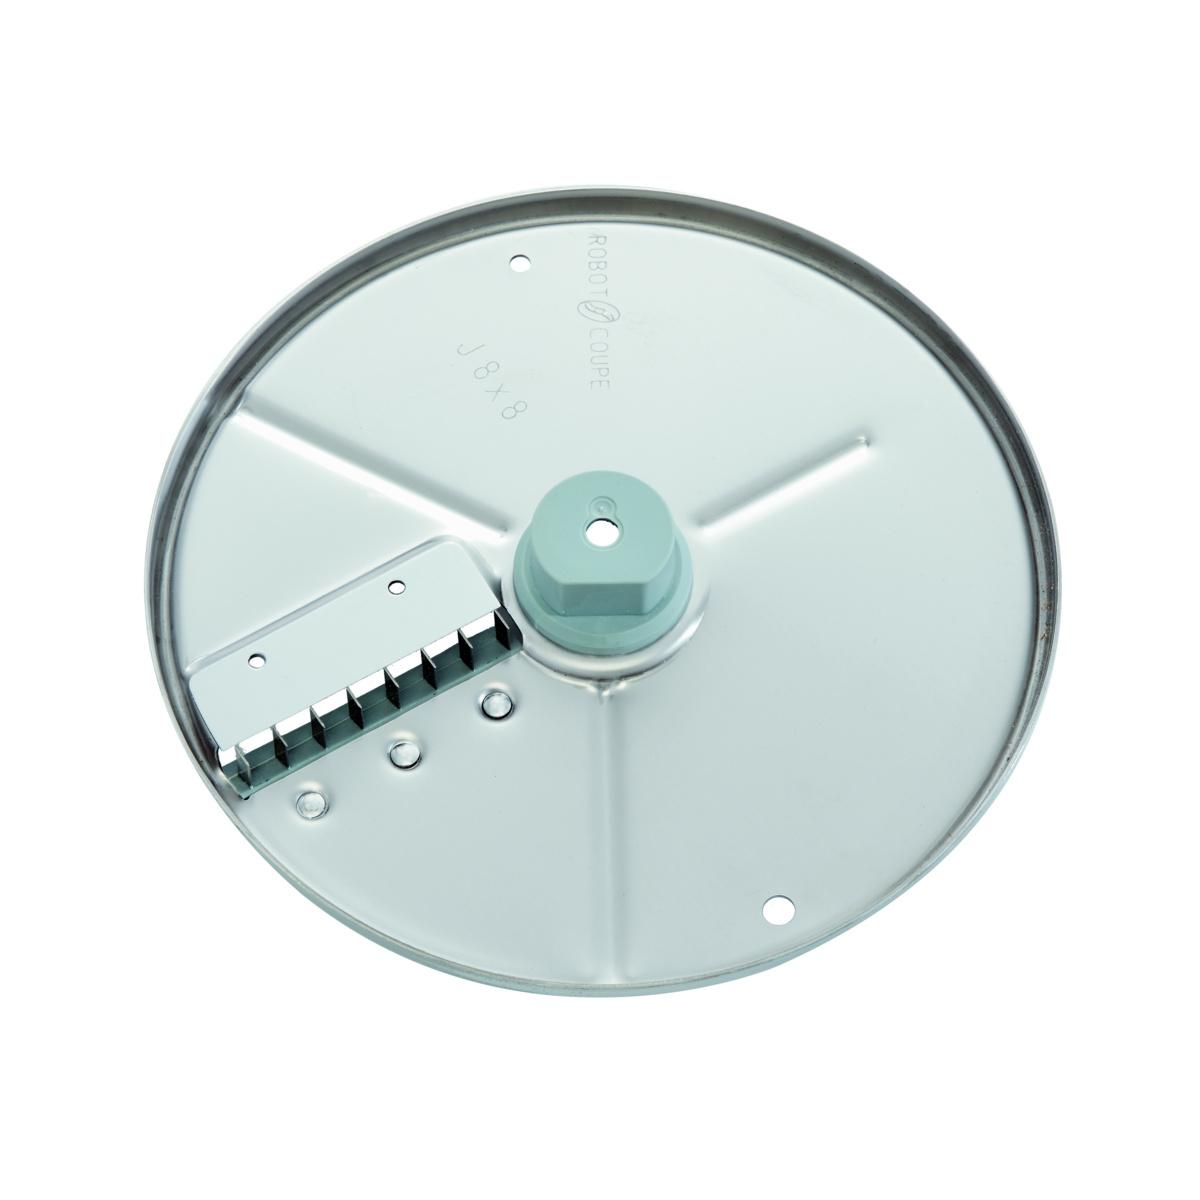 Disque disque batonnets Ø 175 mm Robot Coupe